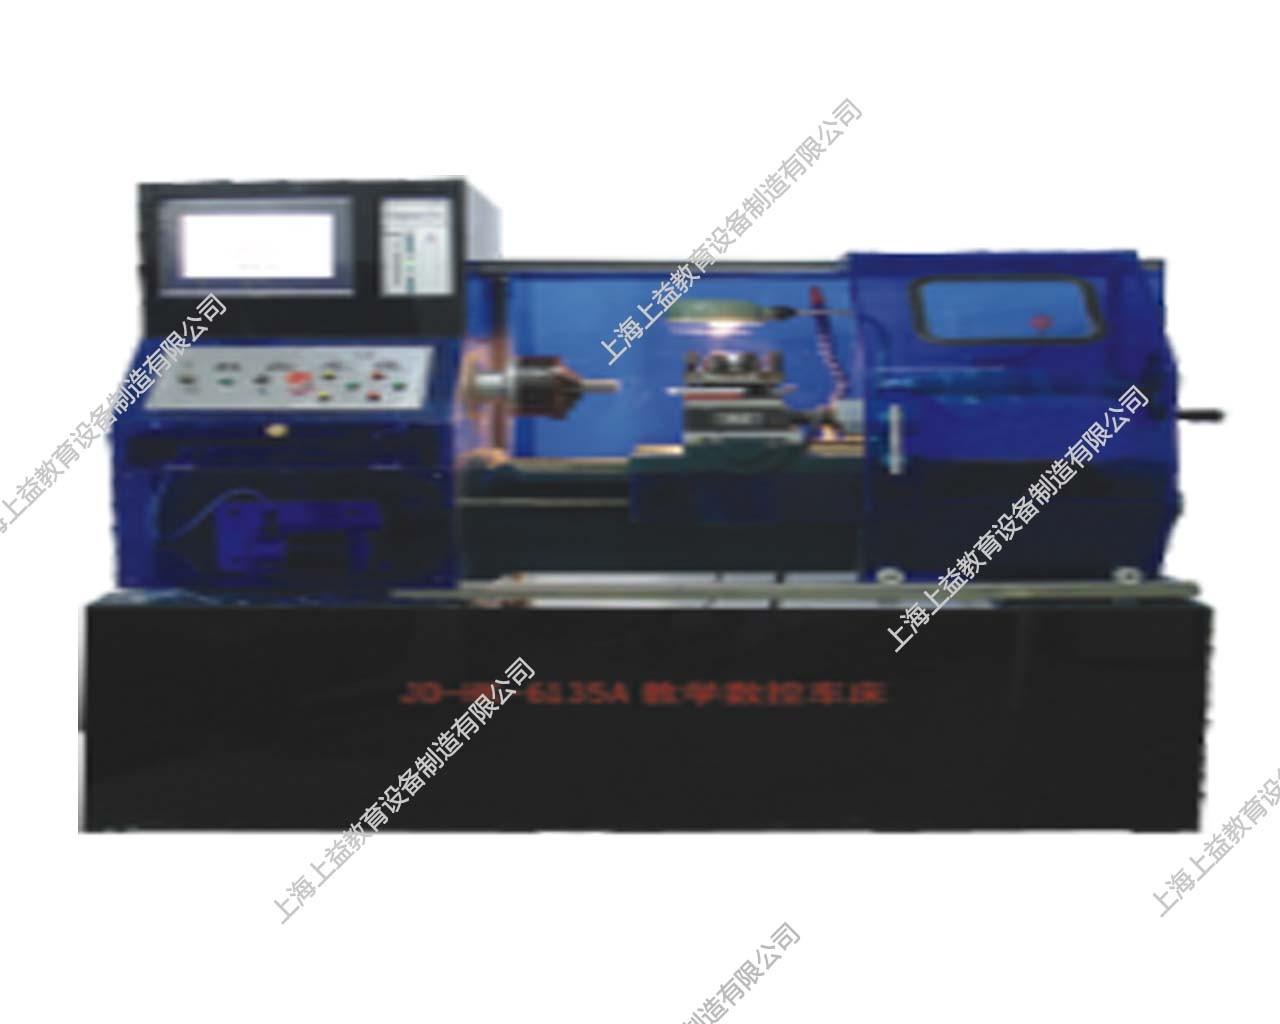 SYSKT-6135液晶数控车床